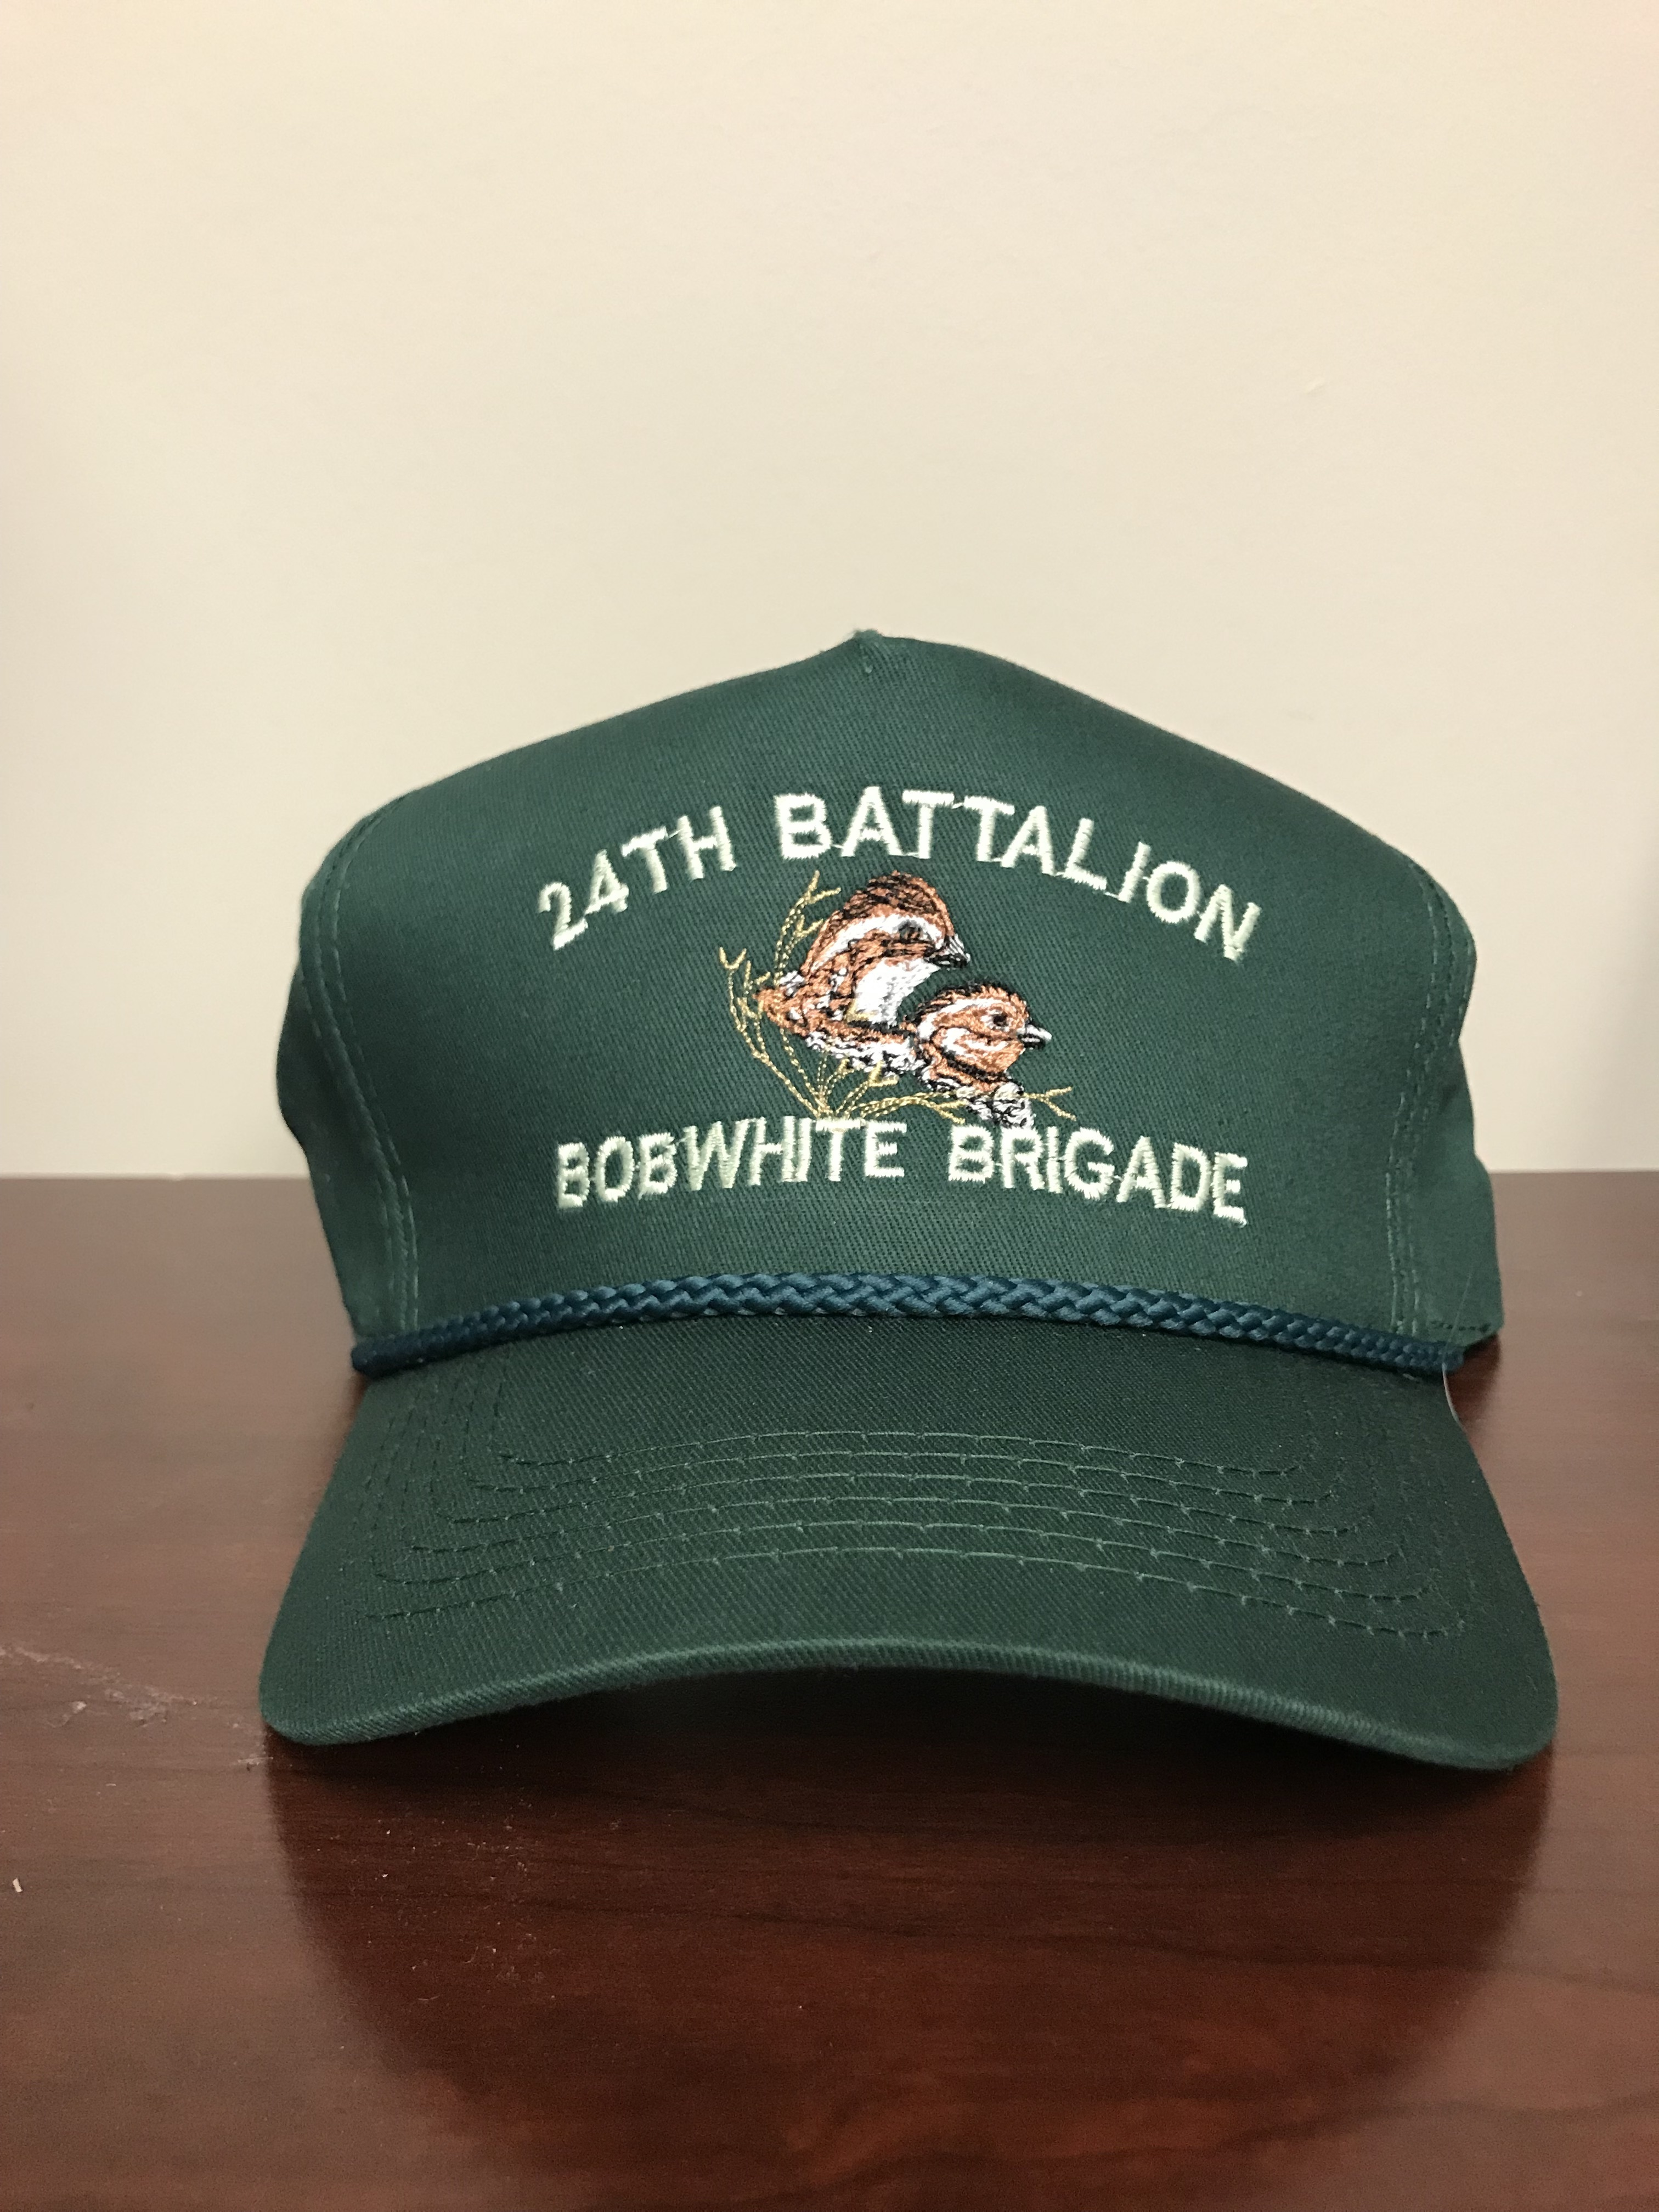 Rolling Plains Bobwhite Brigade 24th Battalion Captain's Hat 00029